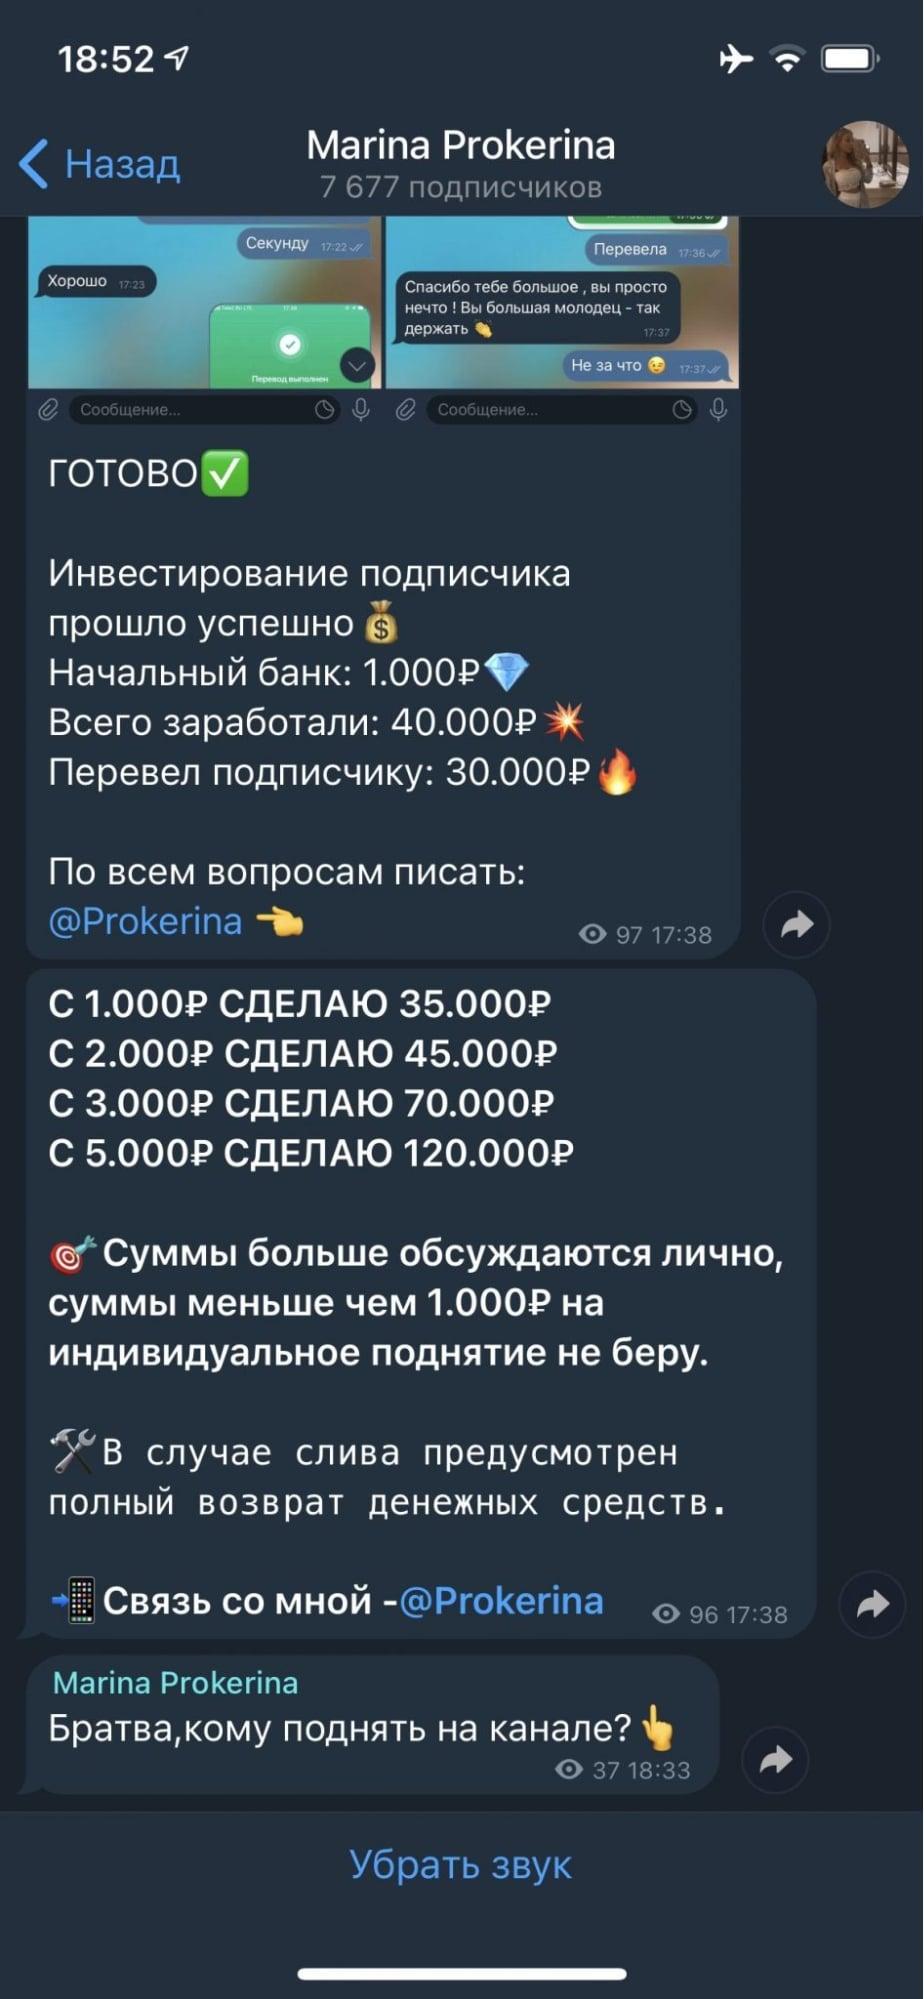 Цена услуг от каппера Marina Prokerina